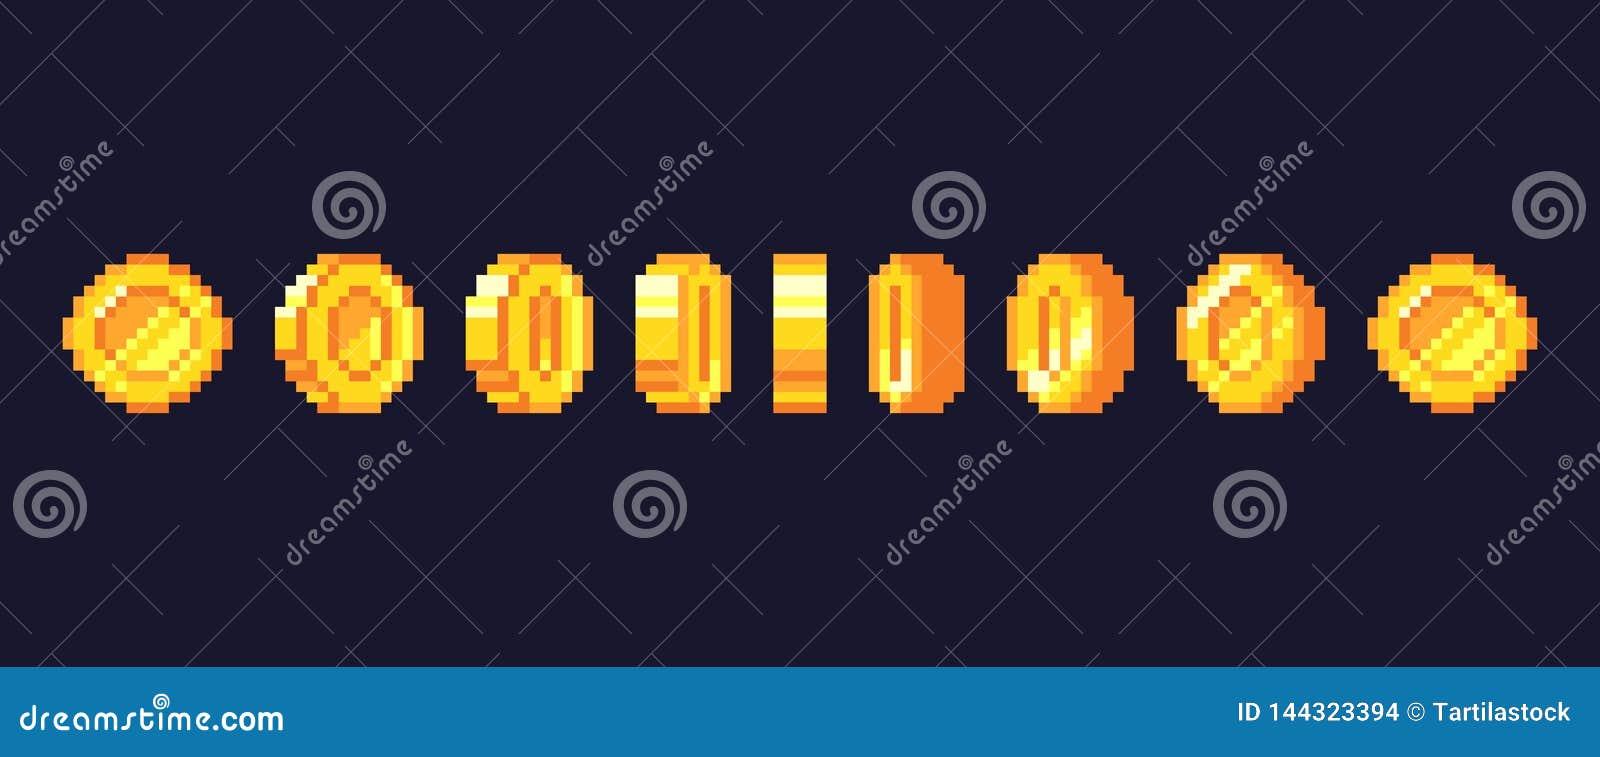 映象点比赛硬币动画 金黄pixelated硬币给框架,减速火箭的16位映象点金子和电子游戏金钱传染媒介赋予生命